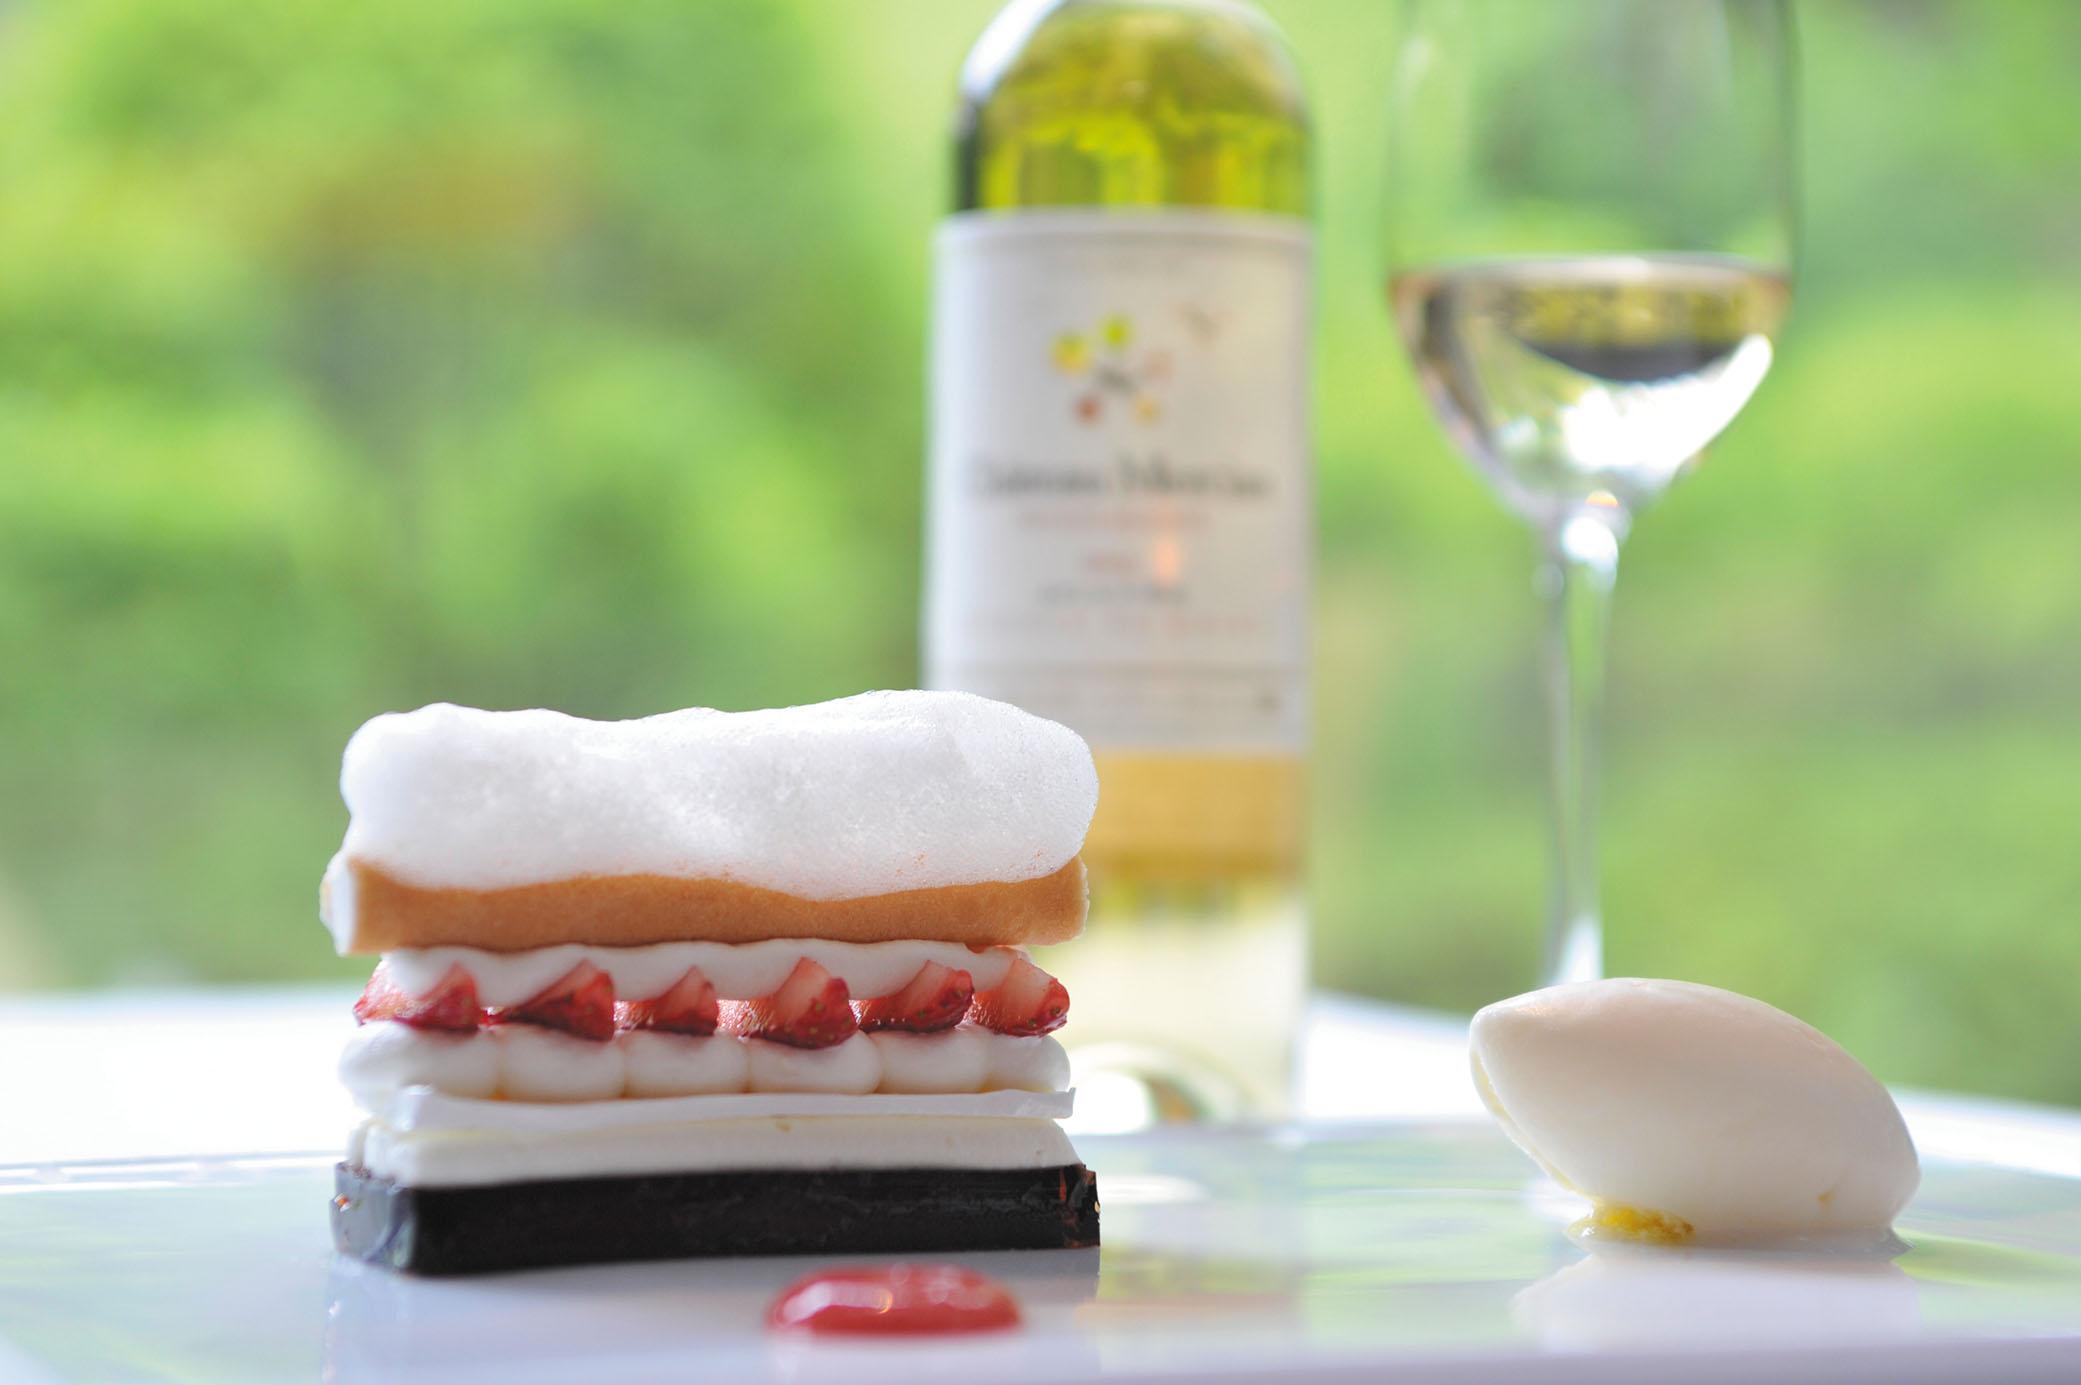 OTTO SETTEで優雅な夕食を。一皿ひとさらに最適なワインが組み合わされたヴィノクッチーナ(マリアージュコース)では料理とワインの驚くべき化学反応を体感することができる。